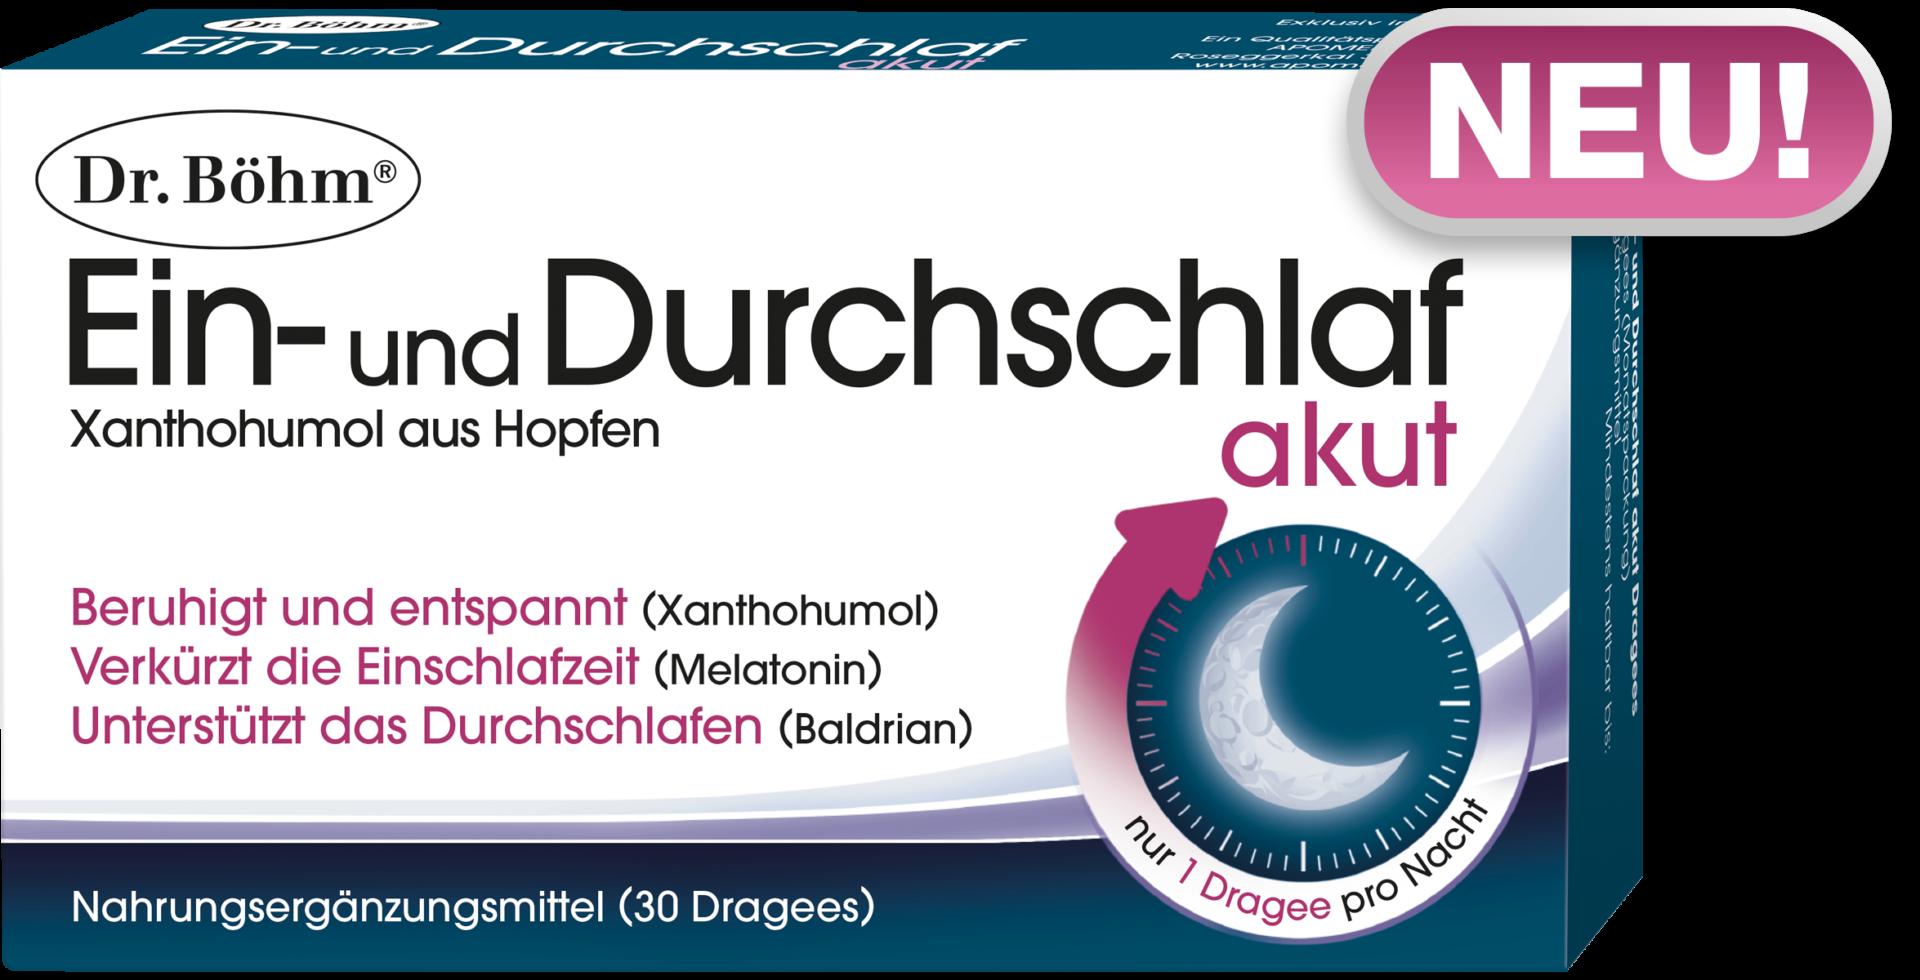 Dr. Böhm® Ein- und Durchschlaf akut; Nahrungsergänzungsmittel